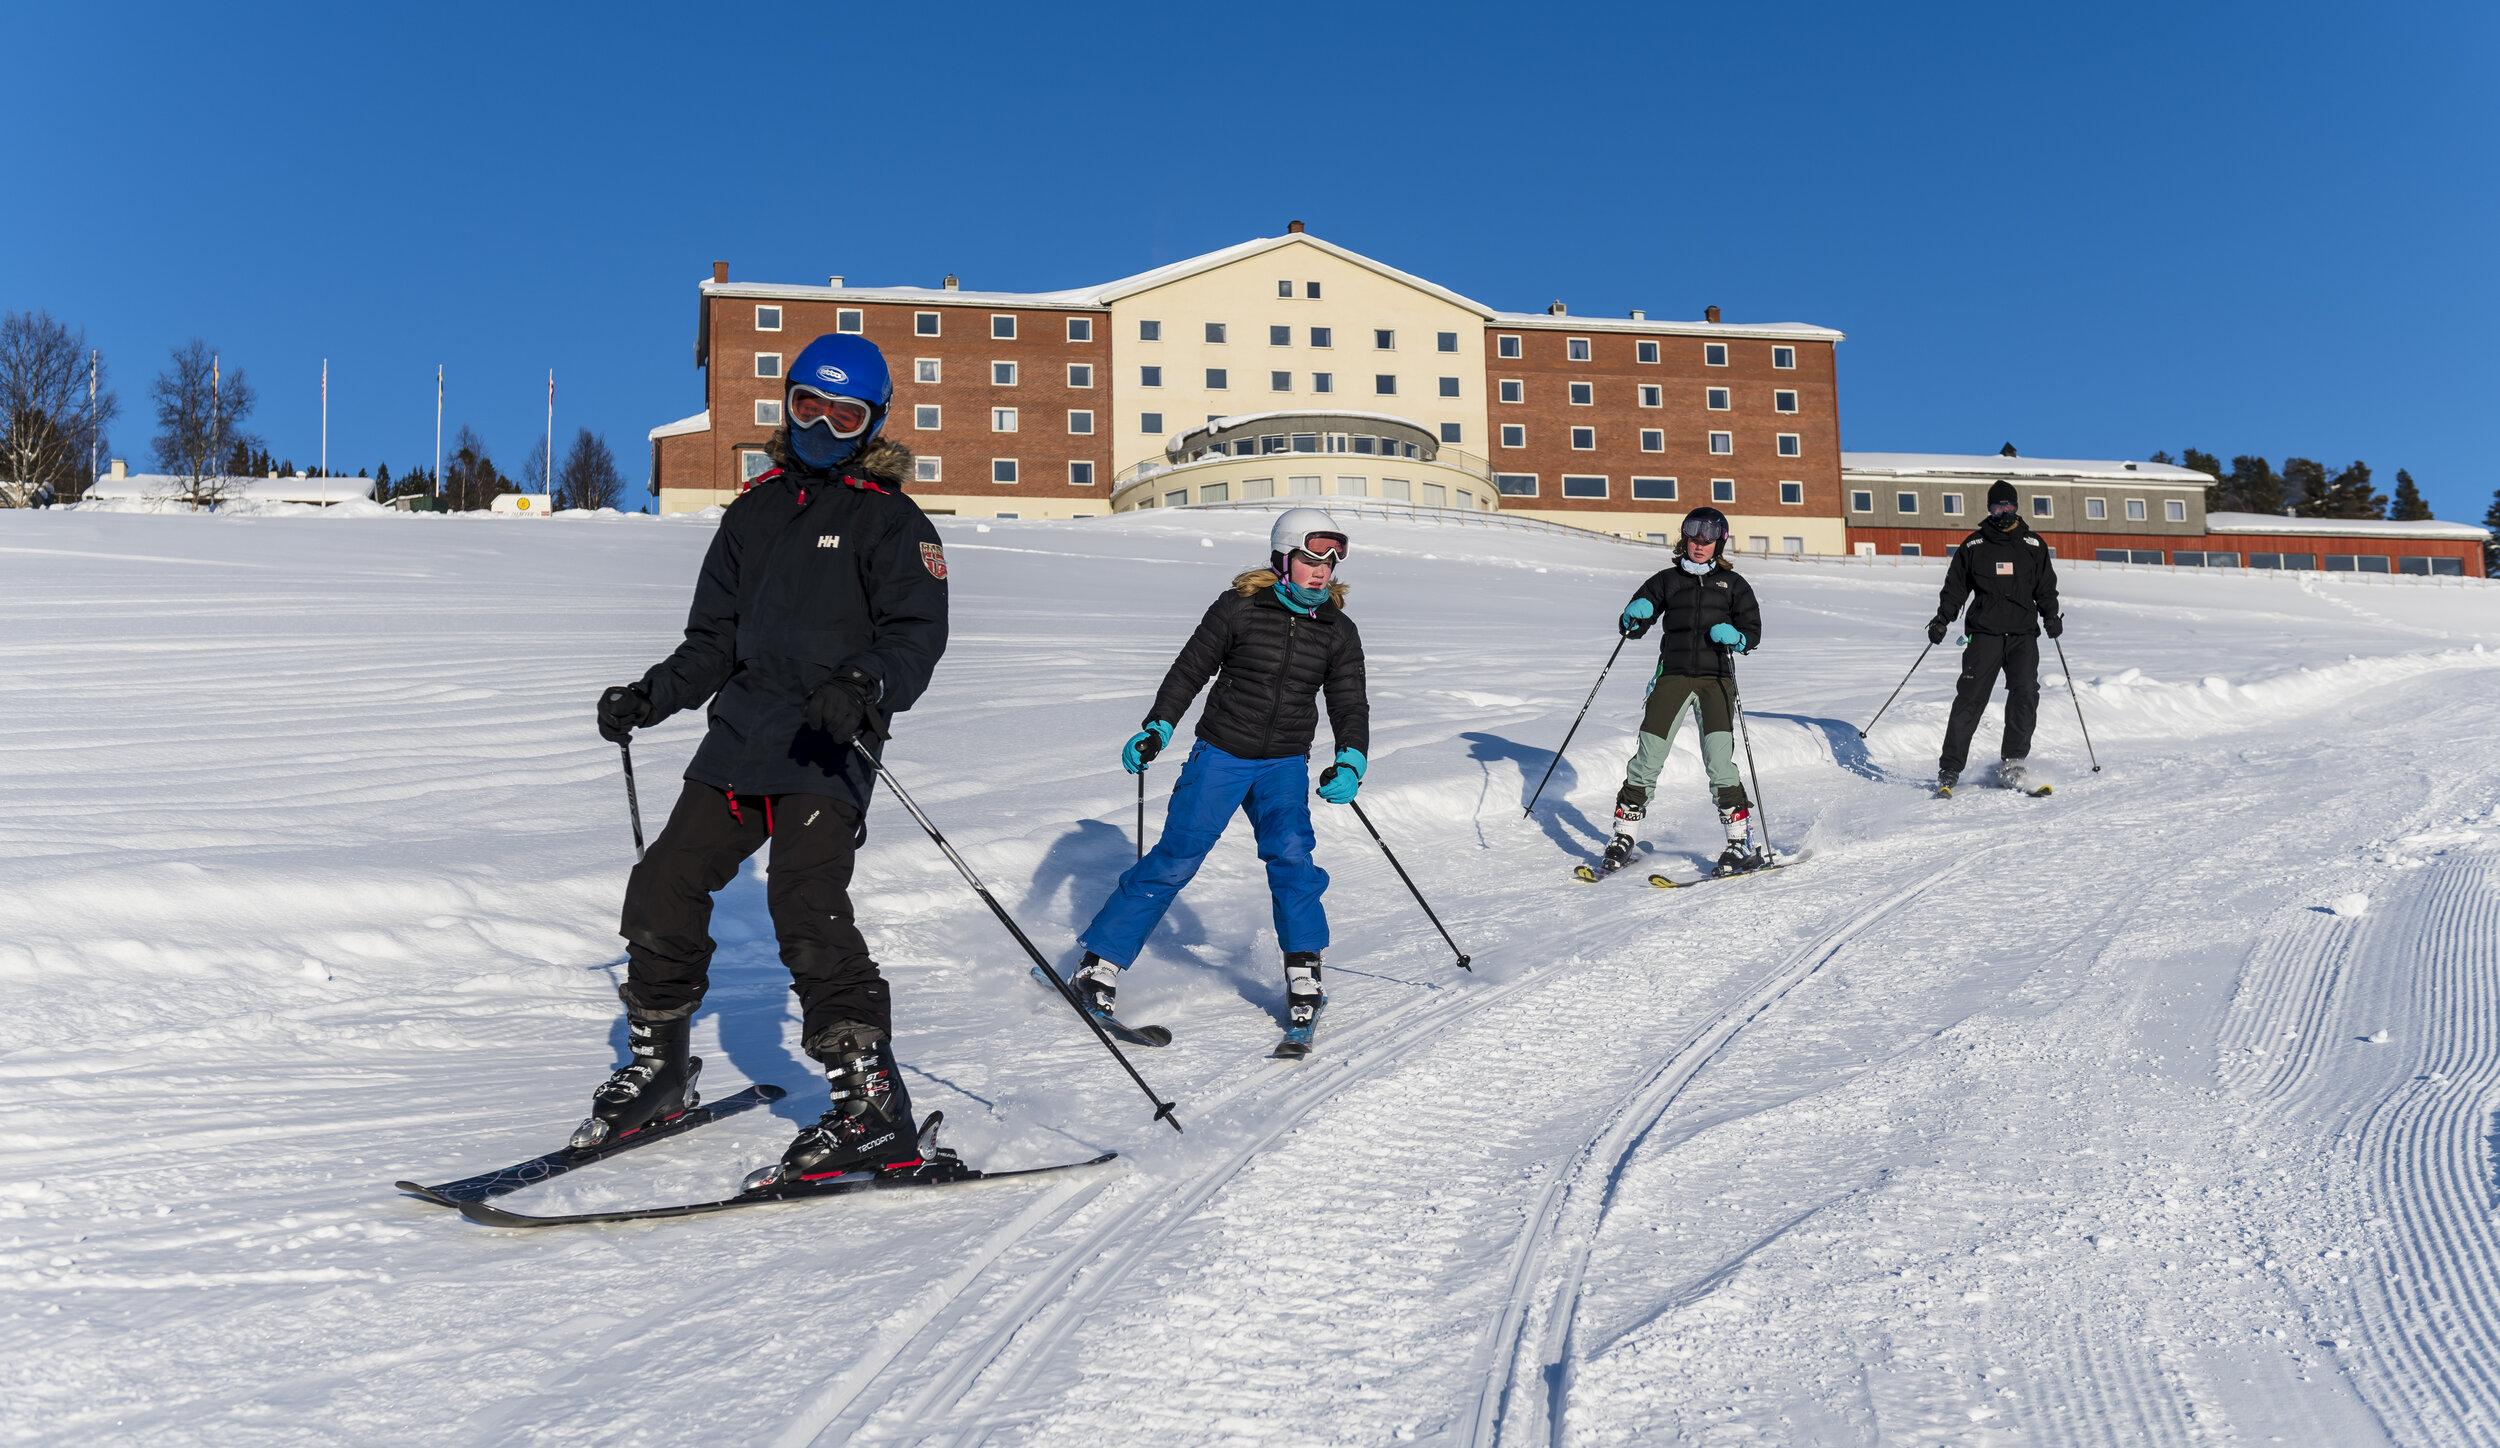 LITEN ALPINBAKKE RETT UTENFOR HOTELLET     For deg som har lyst til å prøve alpin, snowboard eller kanskje lære en telemarksving eller to.